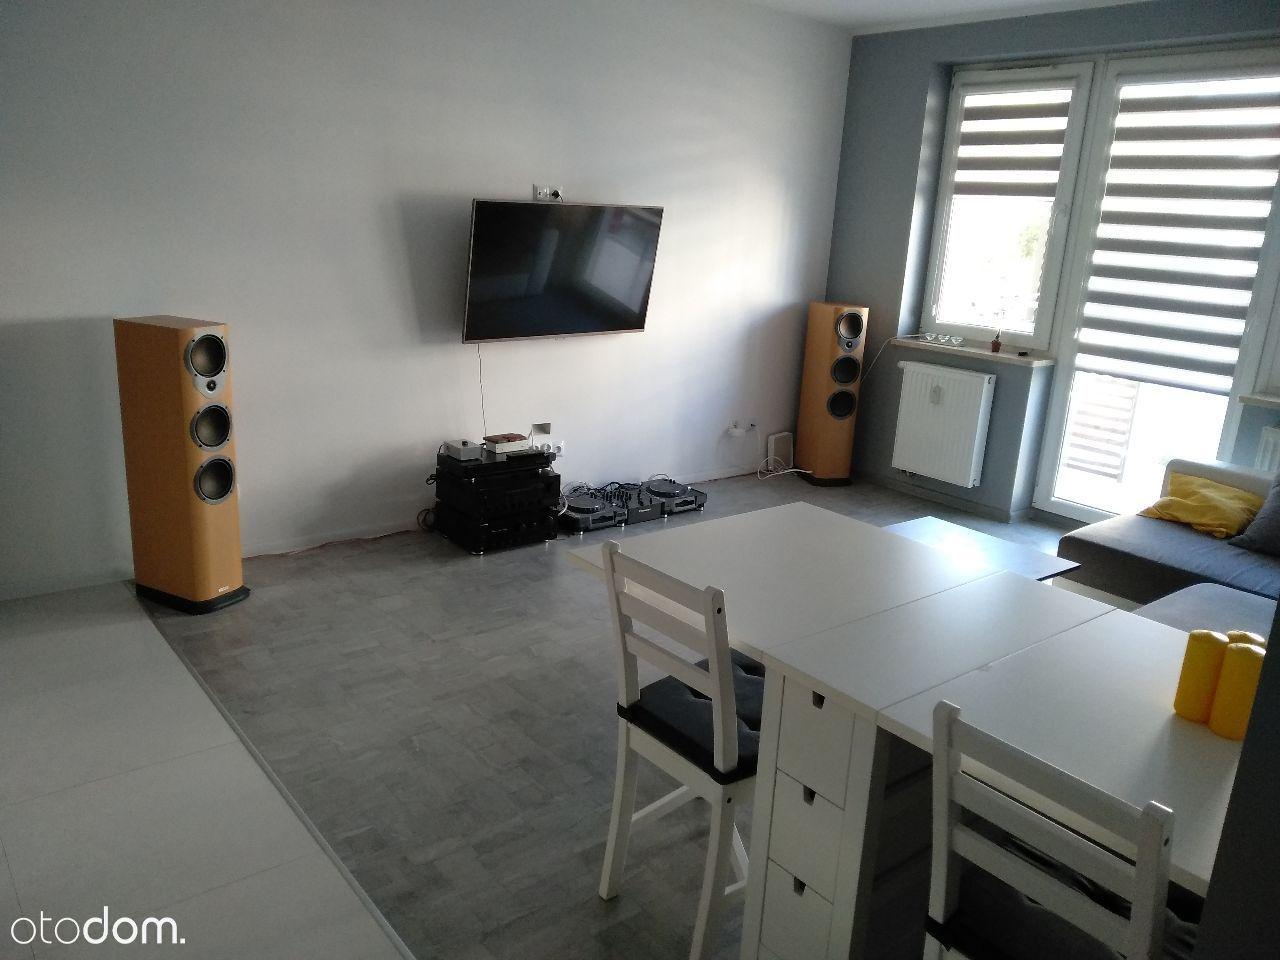 3 Pokoje Mieszkanie Na Wynajem Zielona Góra Centrum 59746212 Wwwotodompl